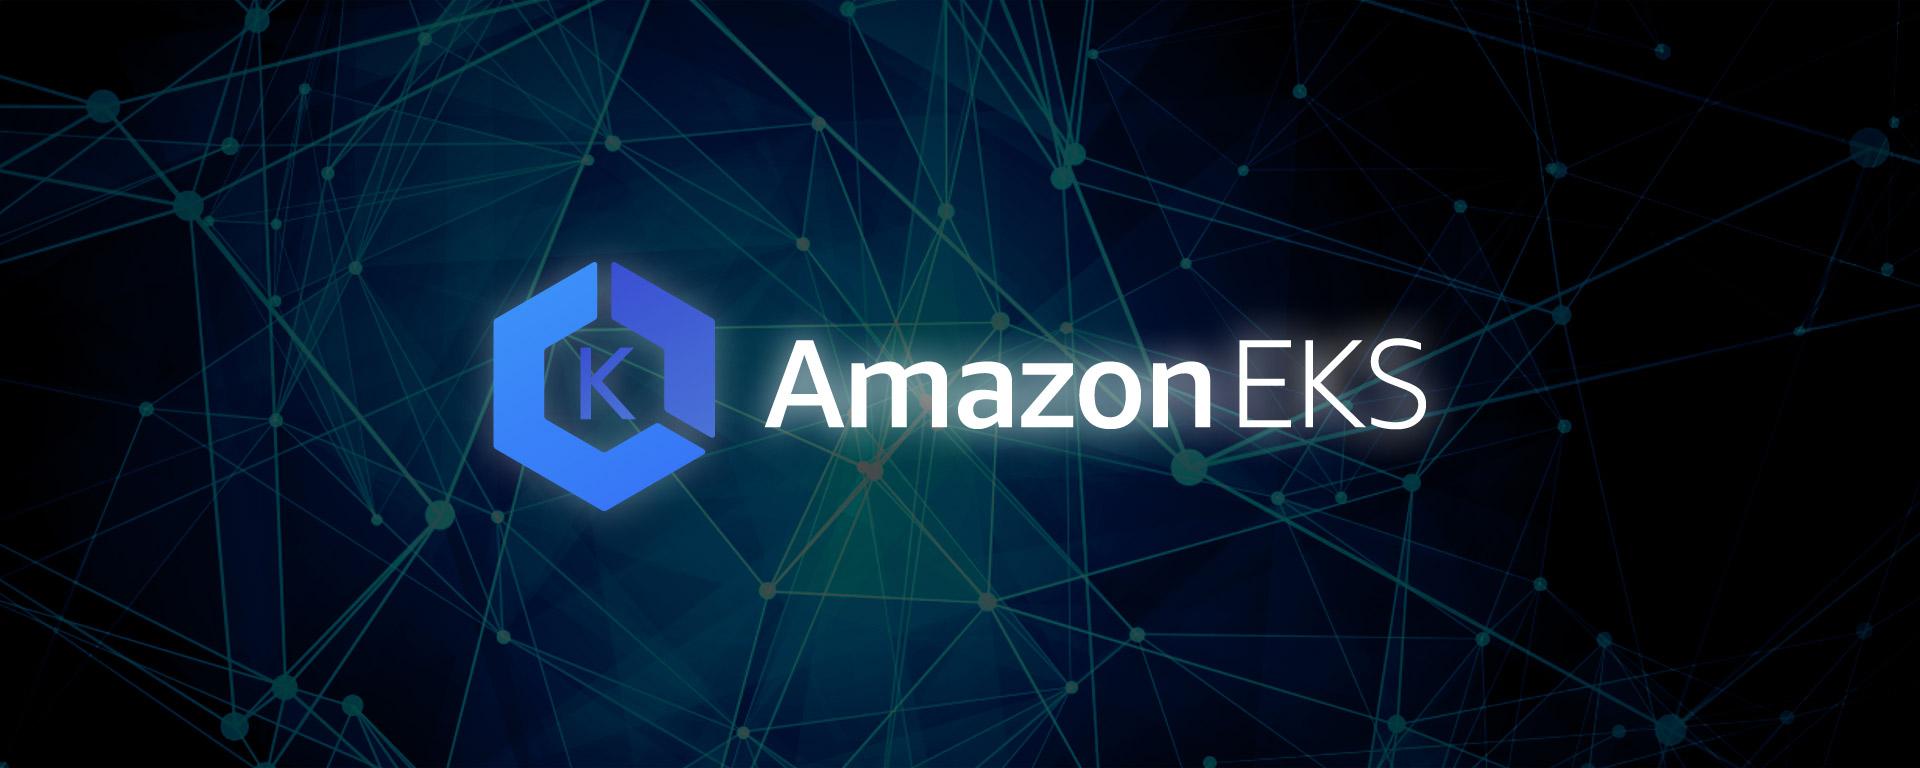 Amazon EKSでIngress Controllerに何を採用するか検討した